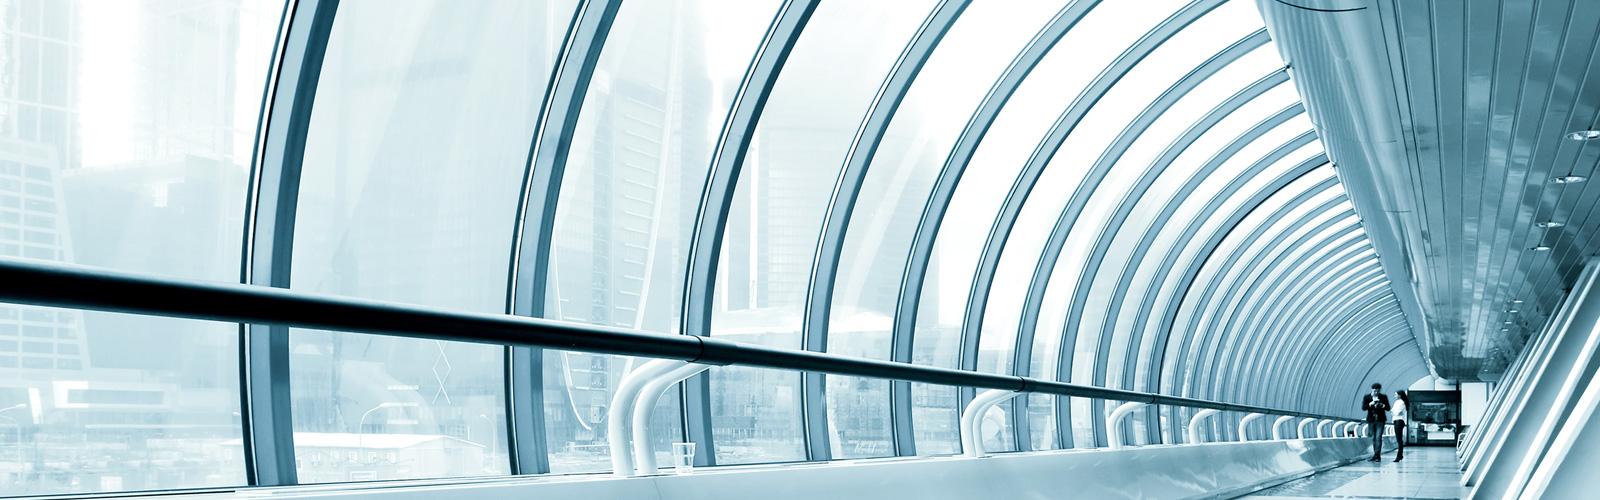 Imagen de cristaleras curvadas moderna y futurísta